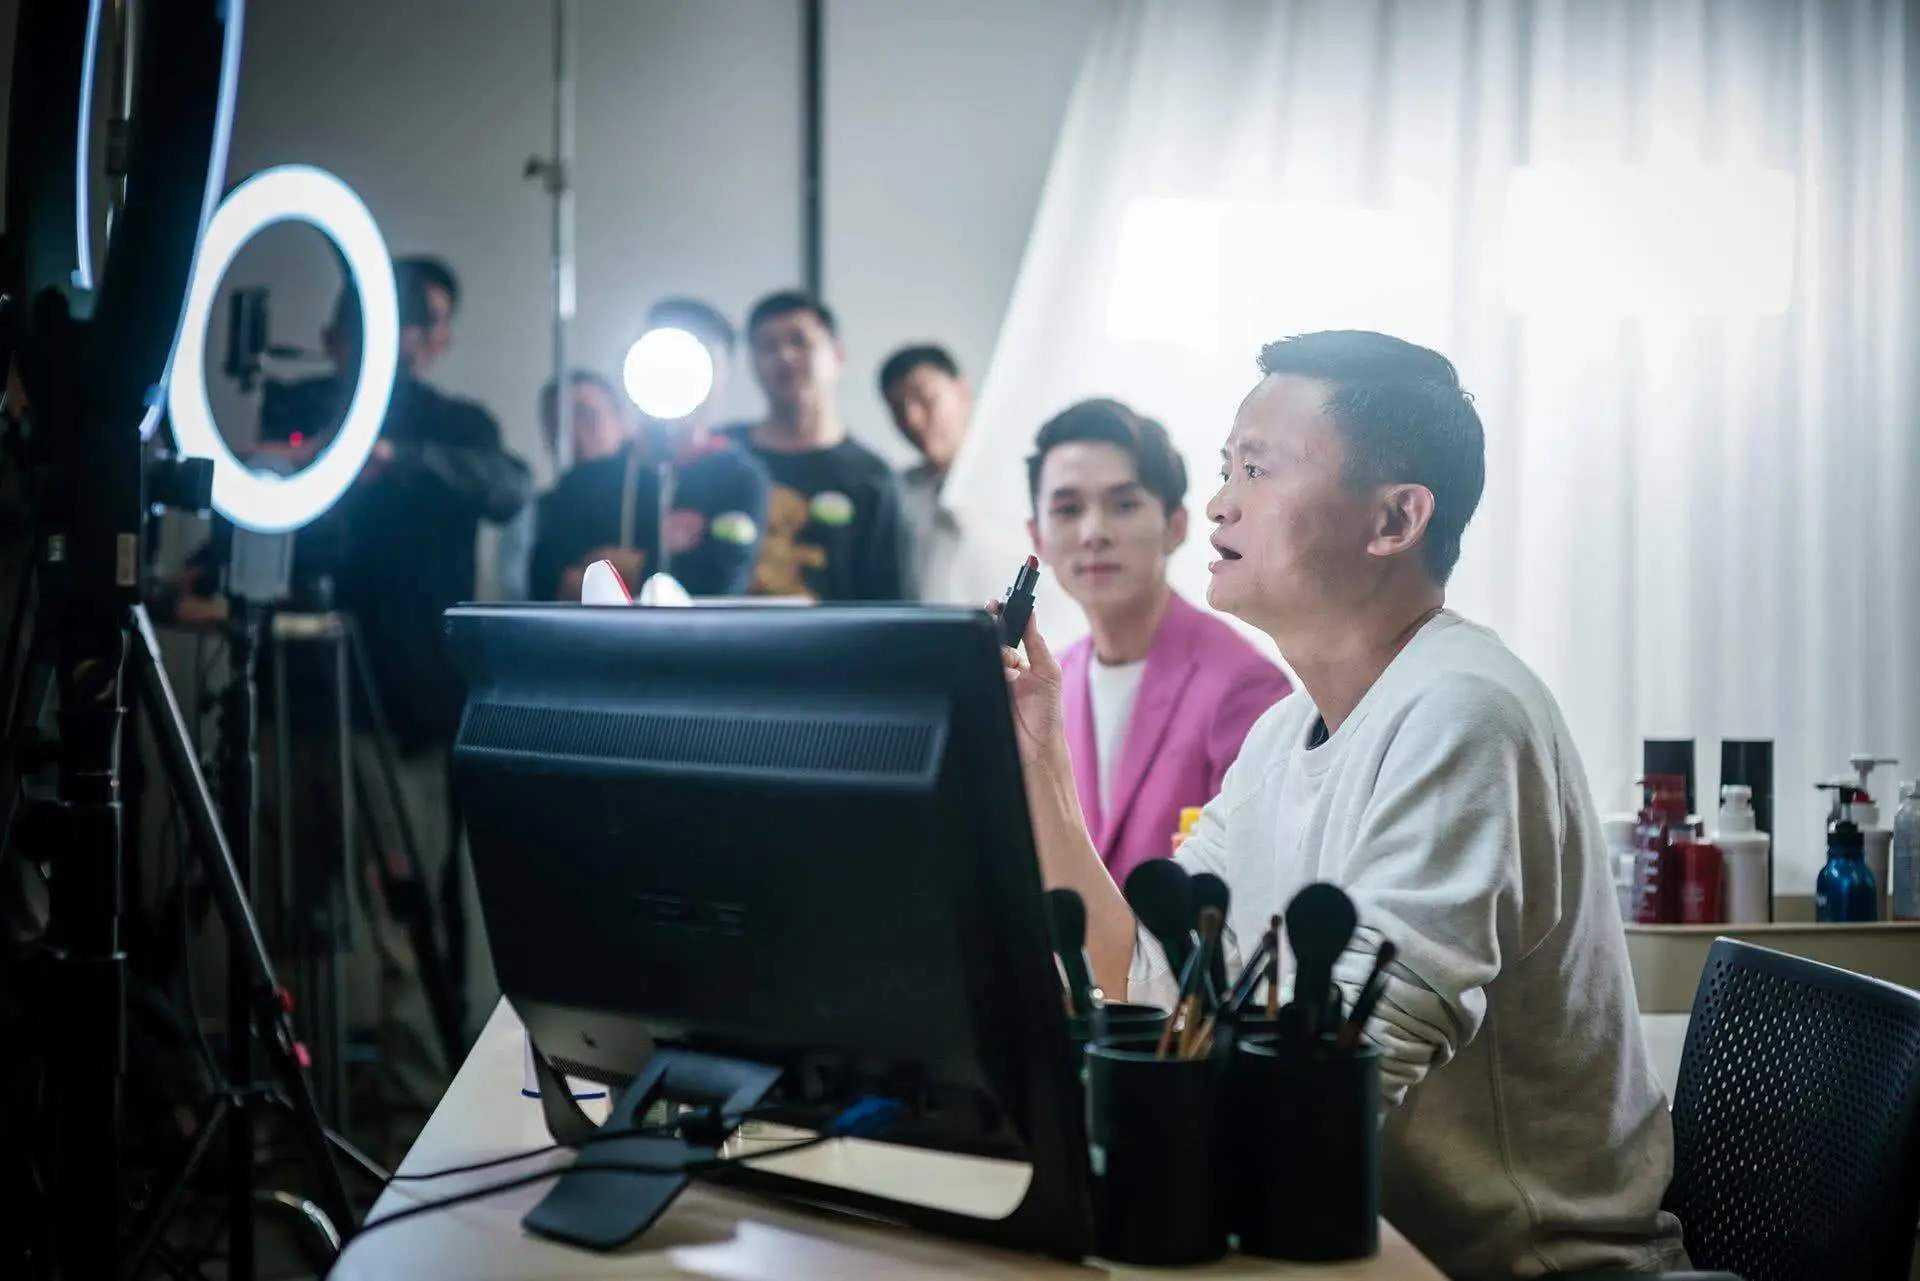 Livestream: Ngành công nghiệp tỷ đô thu hút nhà nhà người người lên sóng, tỷ phú cỡ Jack Ma cũng không chối từ - Ảnh 1.